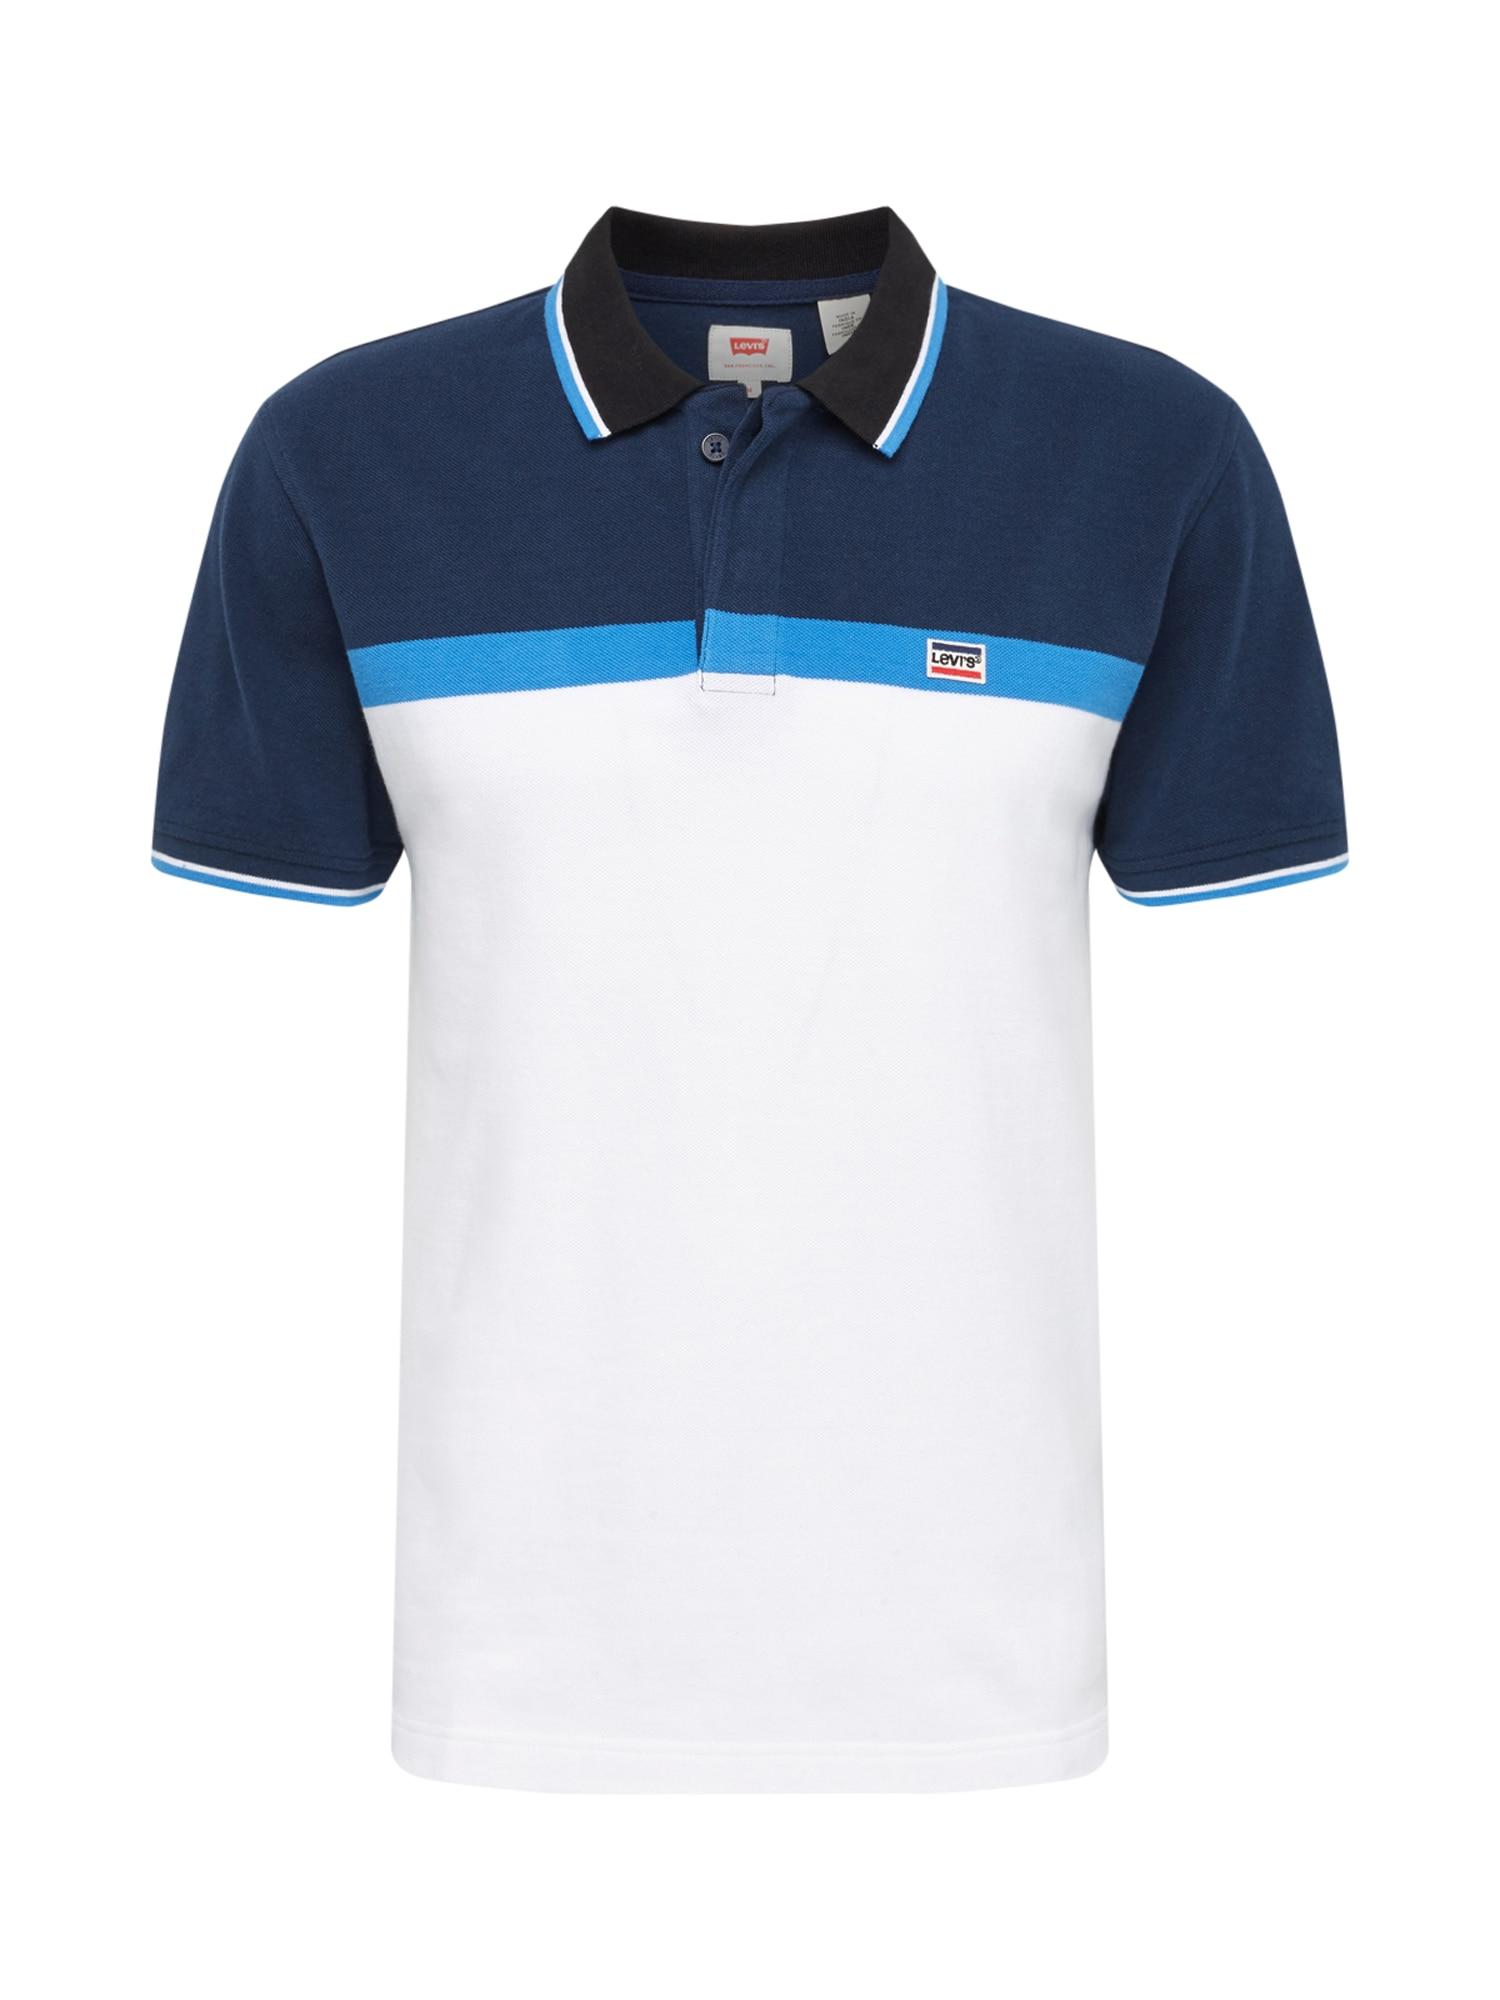 LEVIS Tričko SPORTSWEARPOLO modrá bílá LEVI'S